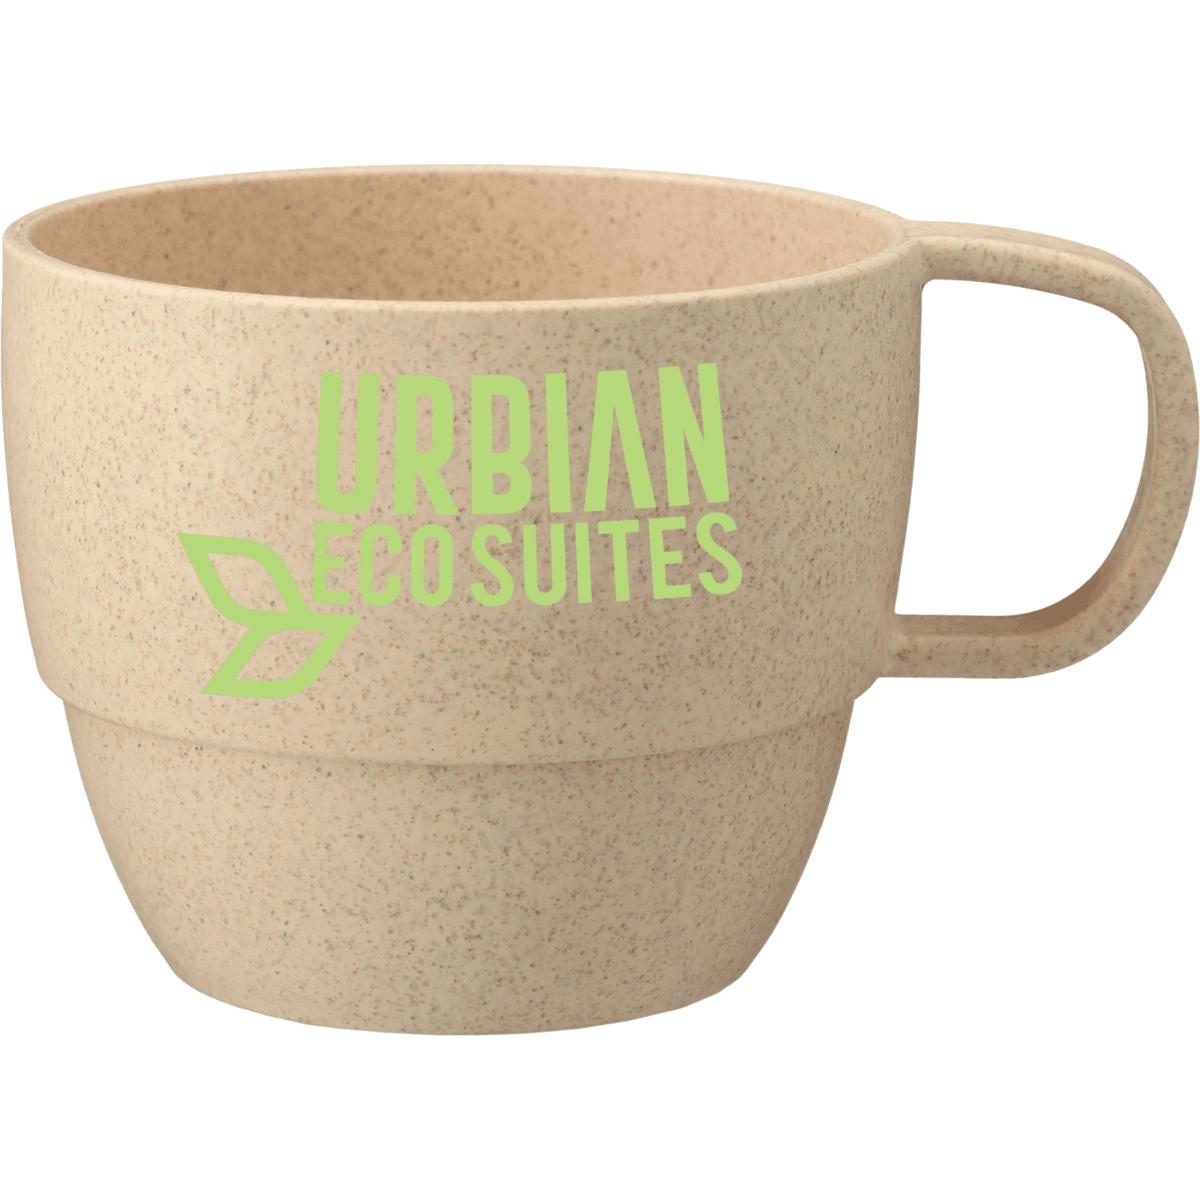 13 oz. Wheat Straw Mug